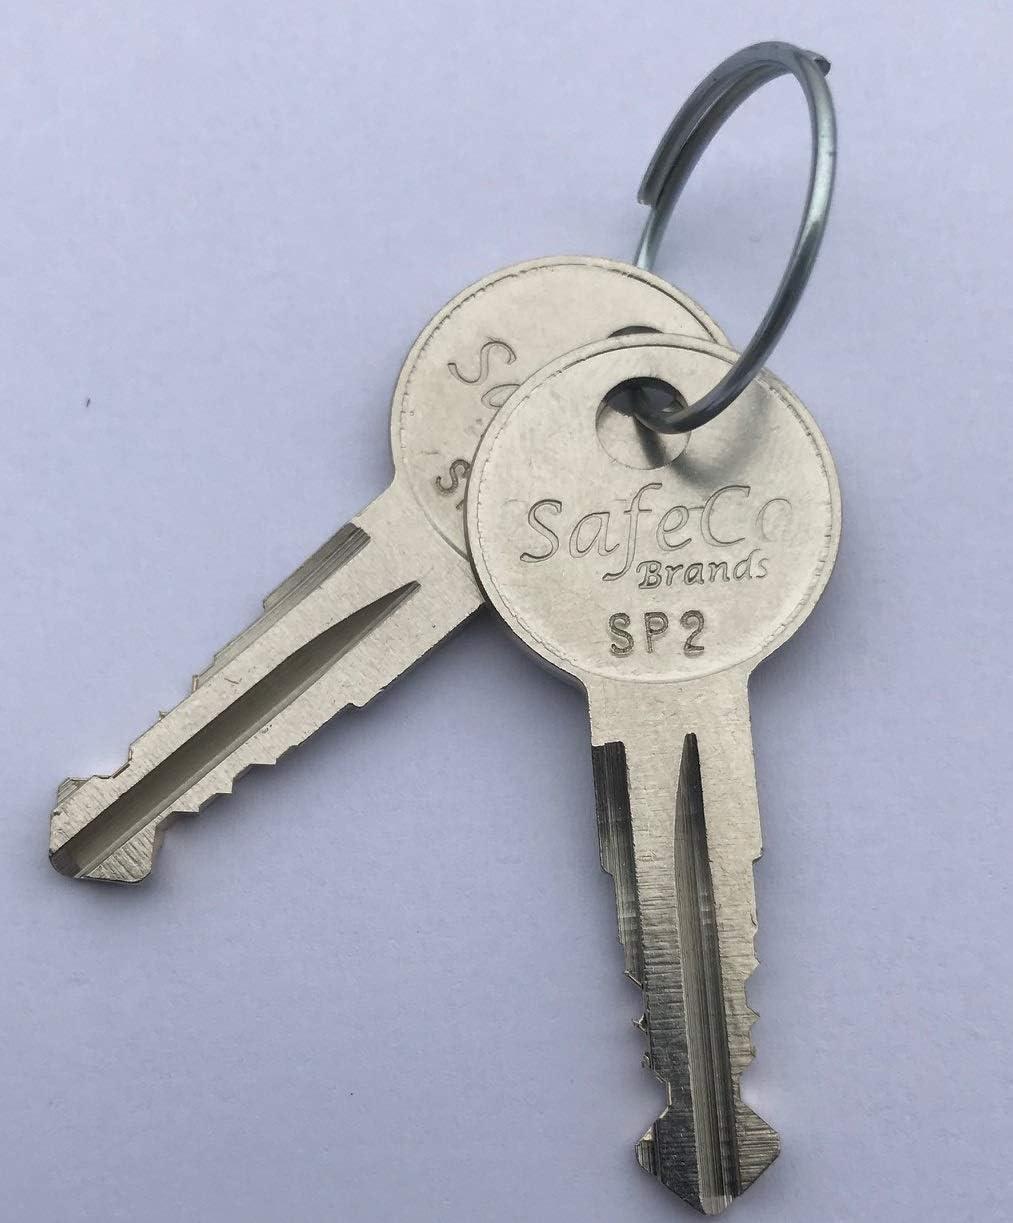 2-Keys for Hummer H3 Roof Rack Cross Bar SP1-SP5 SafeCo Brands Products SP1 Hummer Roof Rack